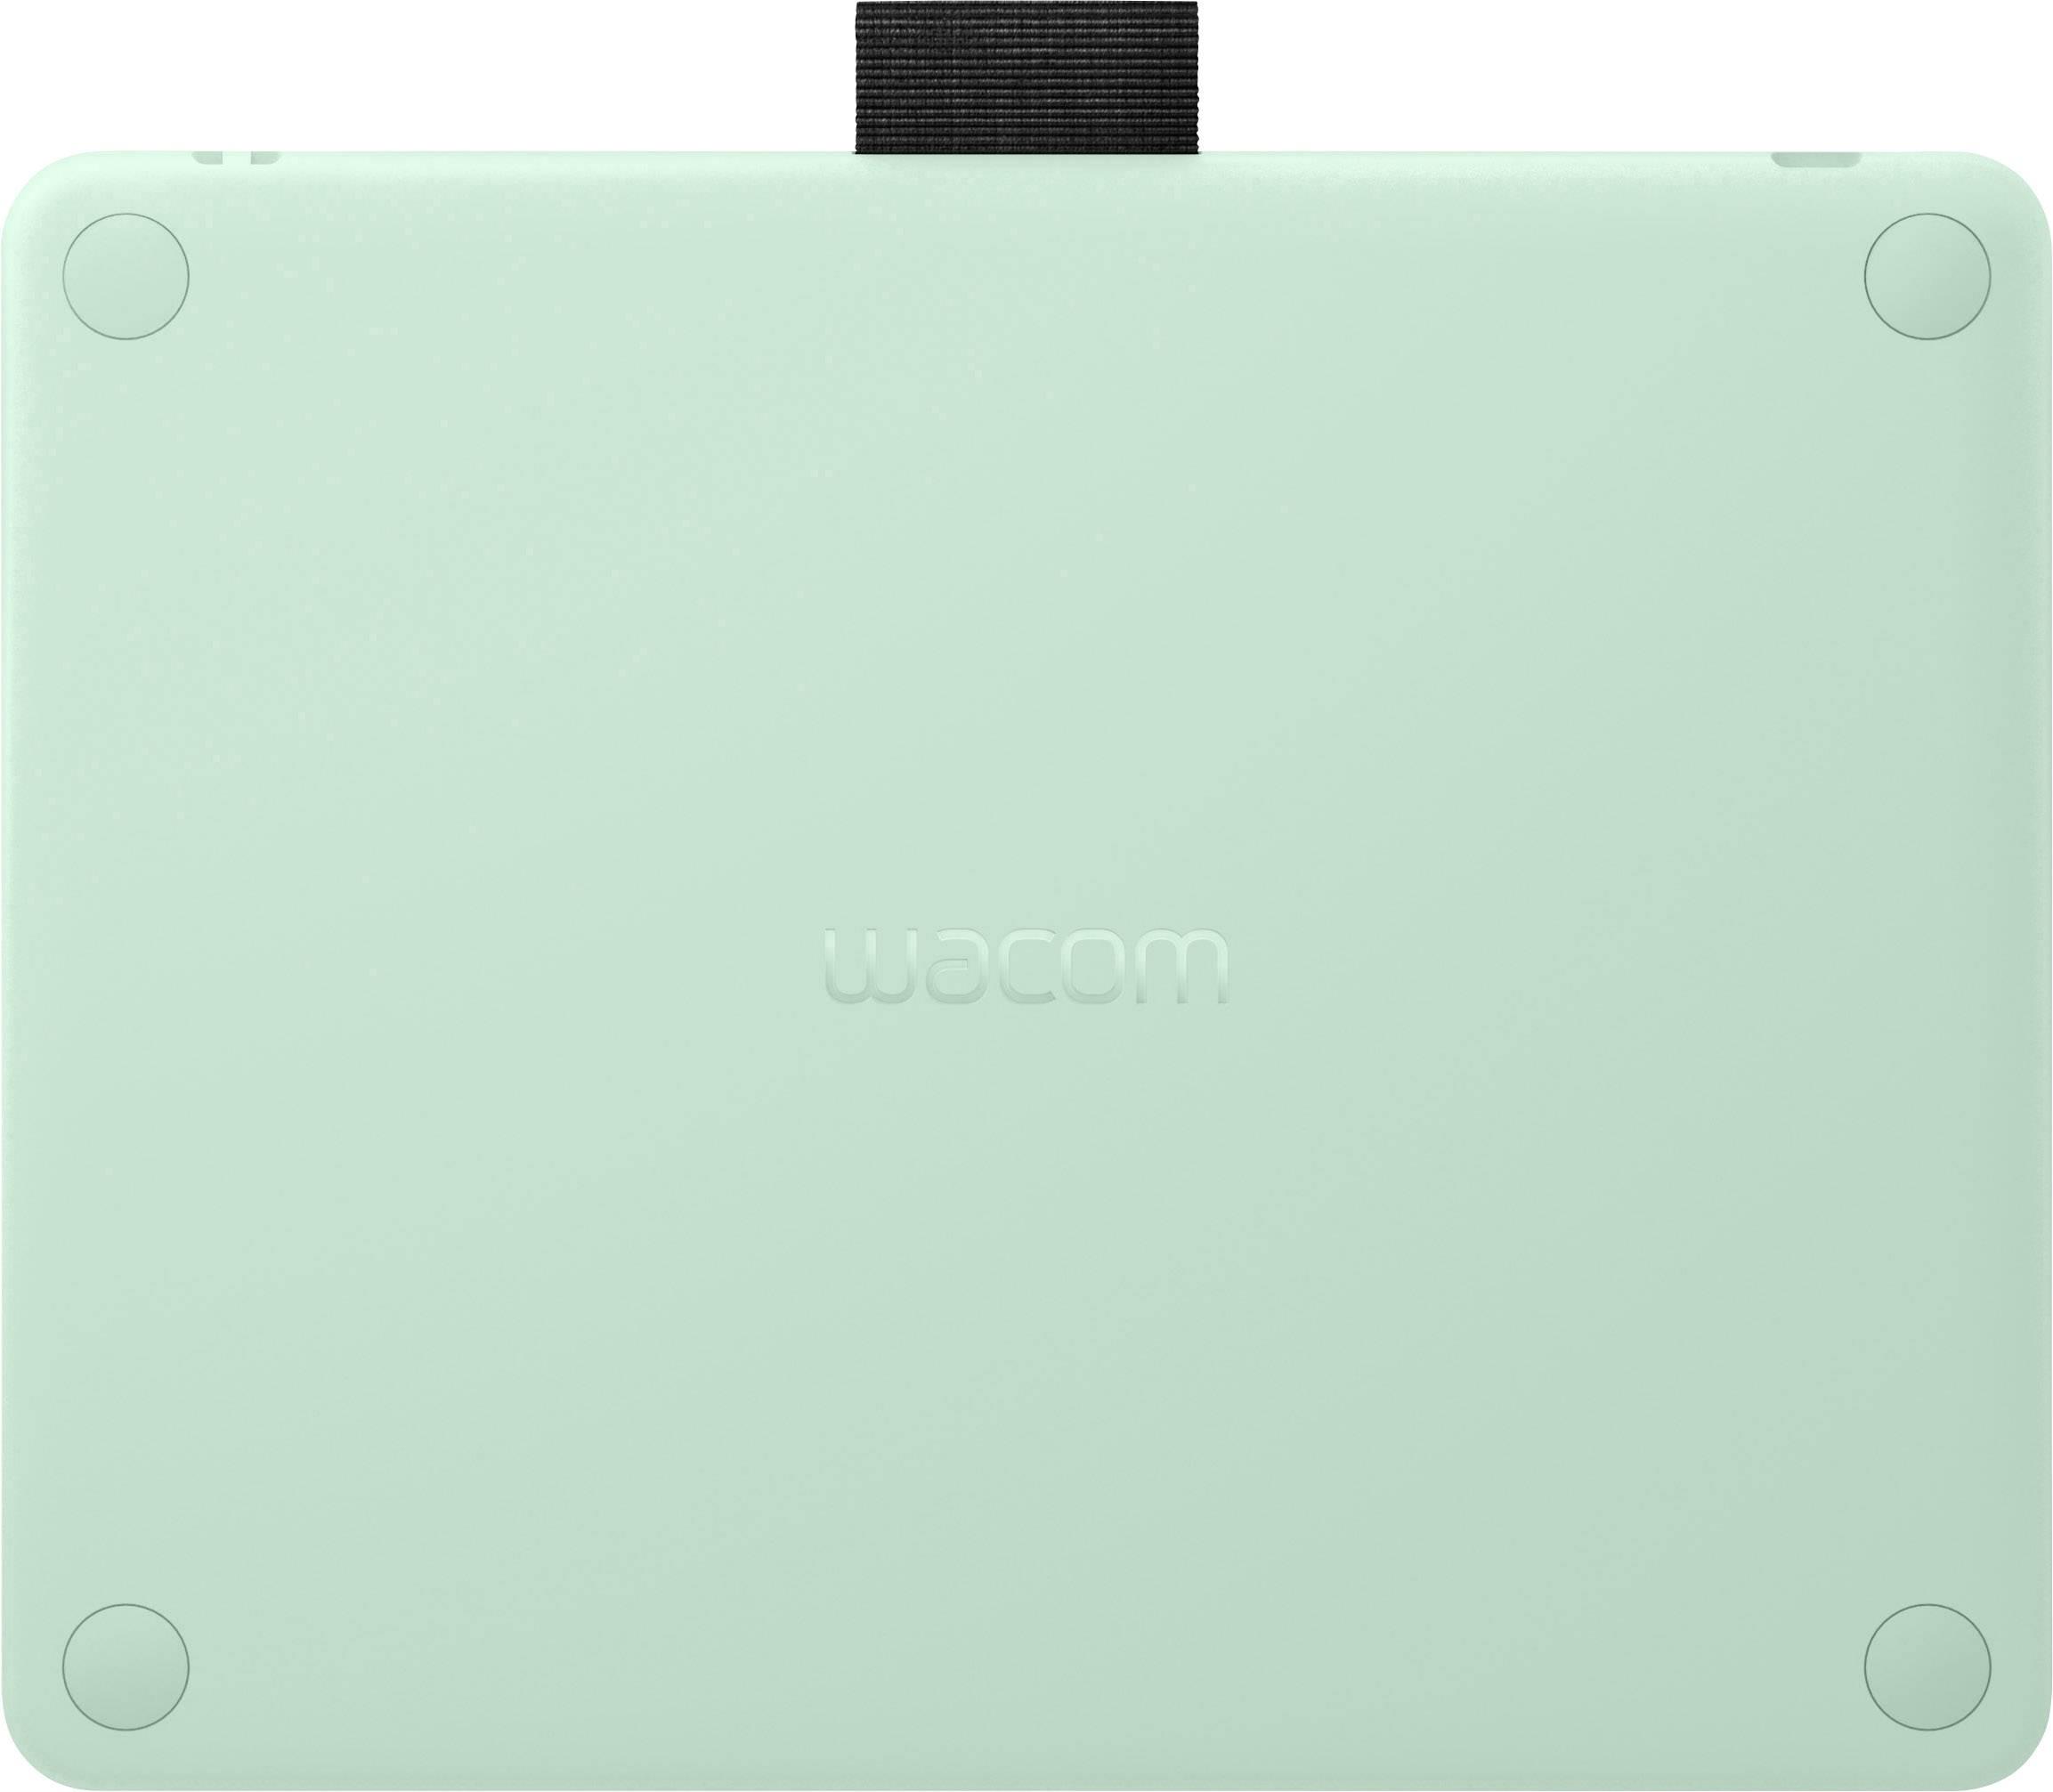 Wacom Intuos S Bluetooth graphics tablet Pistachio, Black | Conrad com